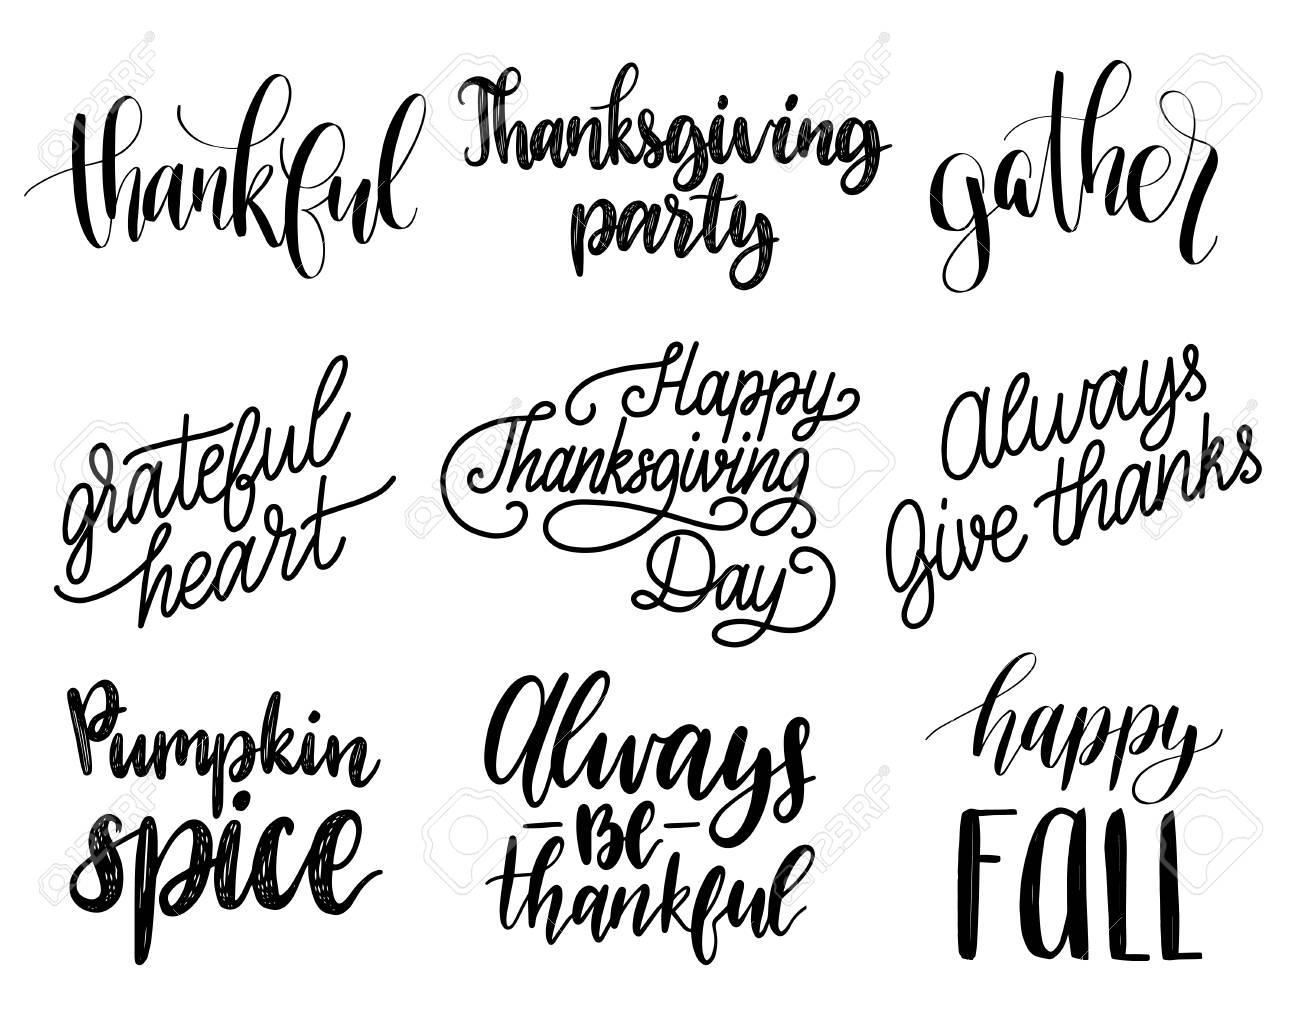 Vector De Acción De Gracias Letras Para Invitaciones O Tarjetas De Felicitación Festivas Conjunto De Caligrafía Manuscrita De Be Thankful Etc